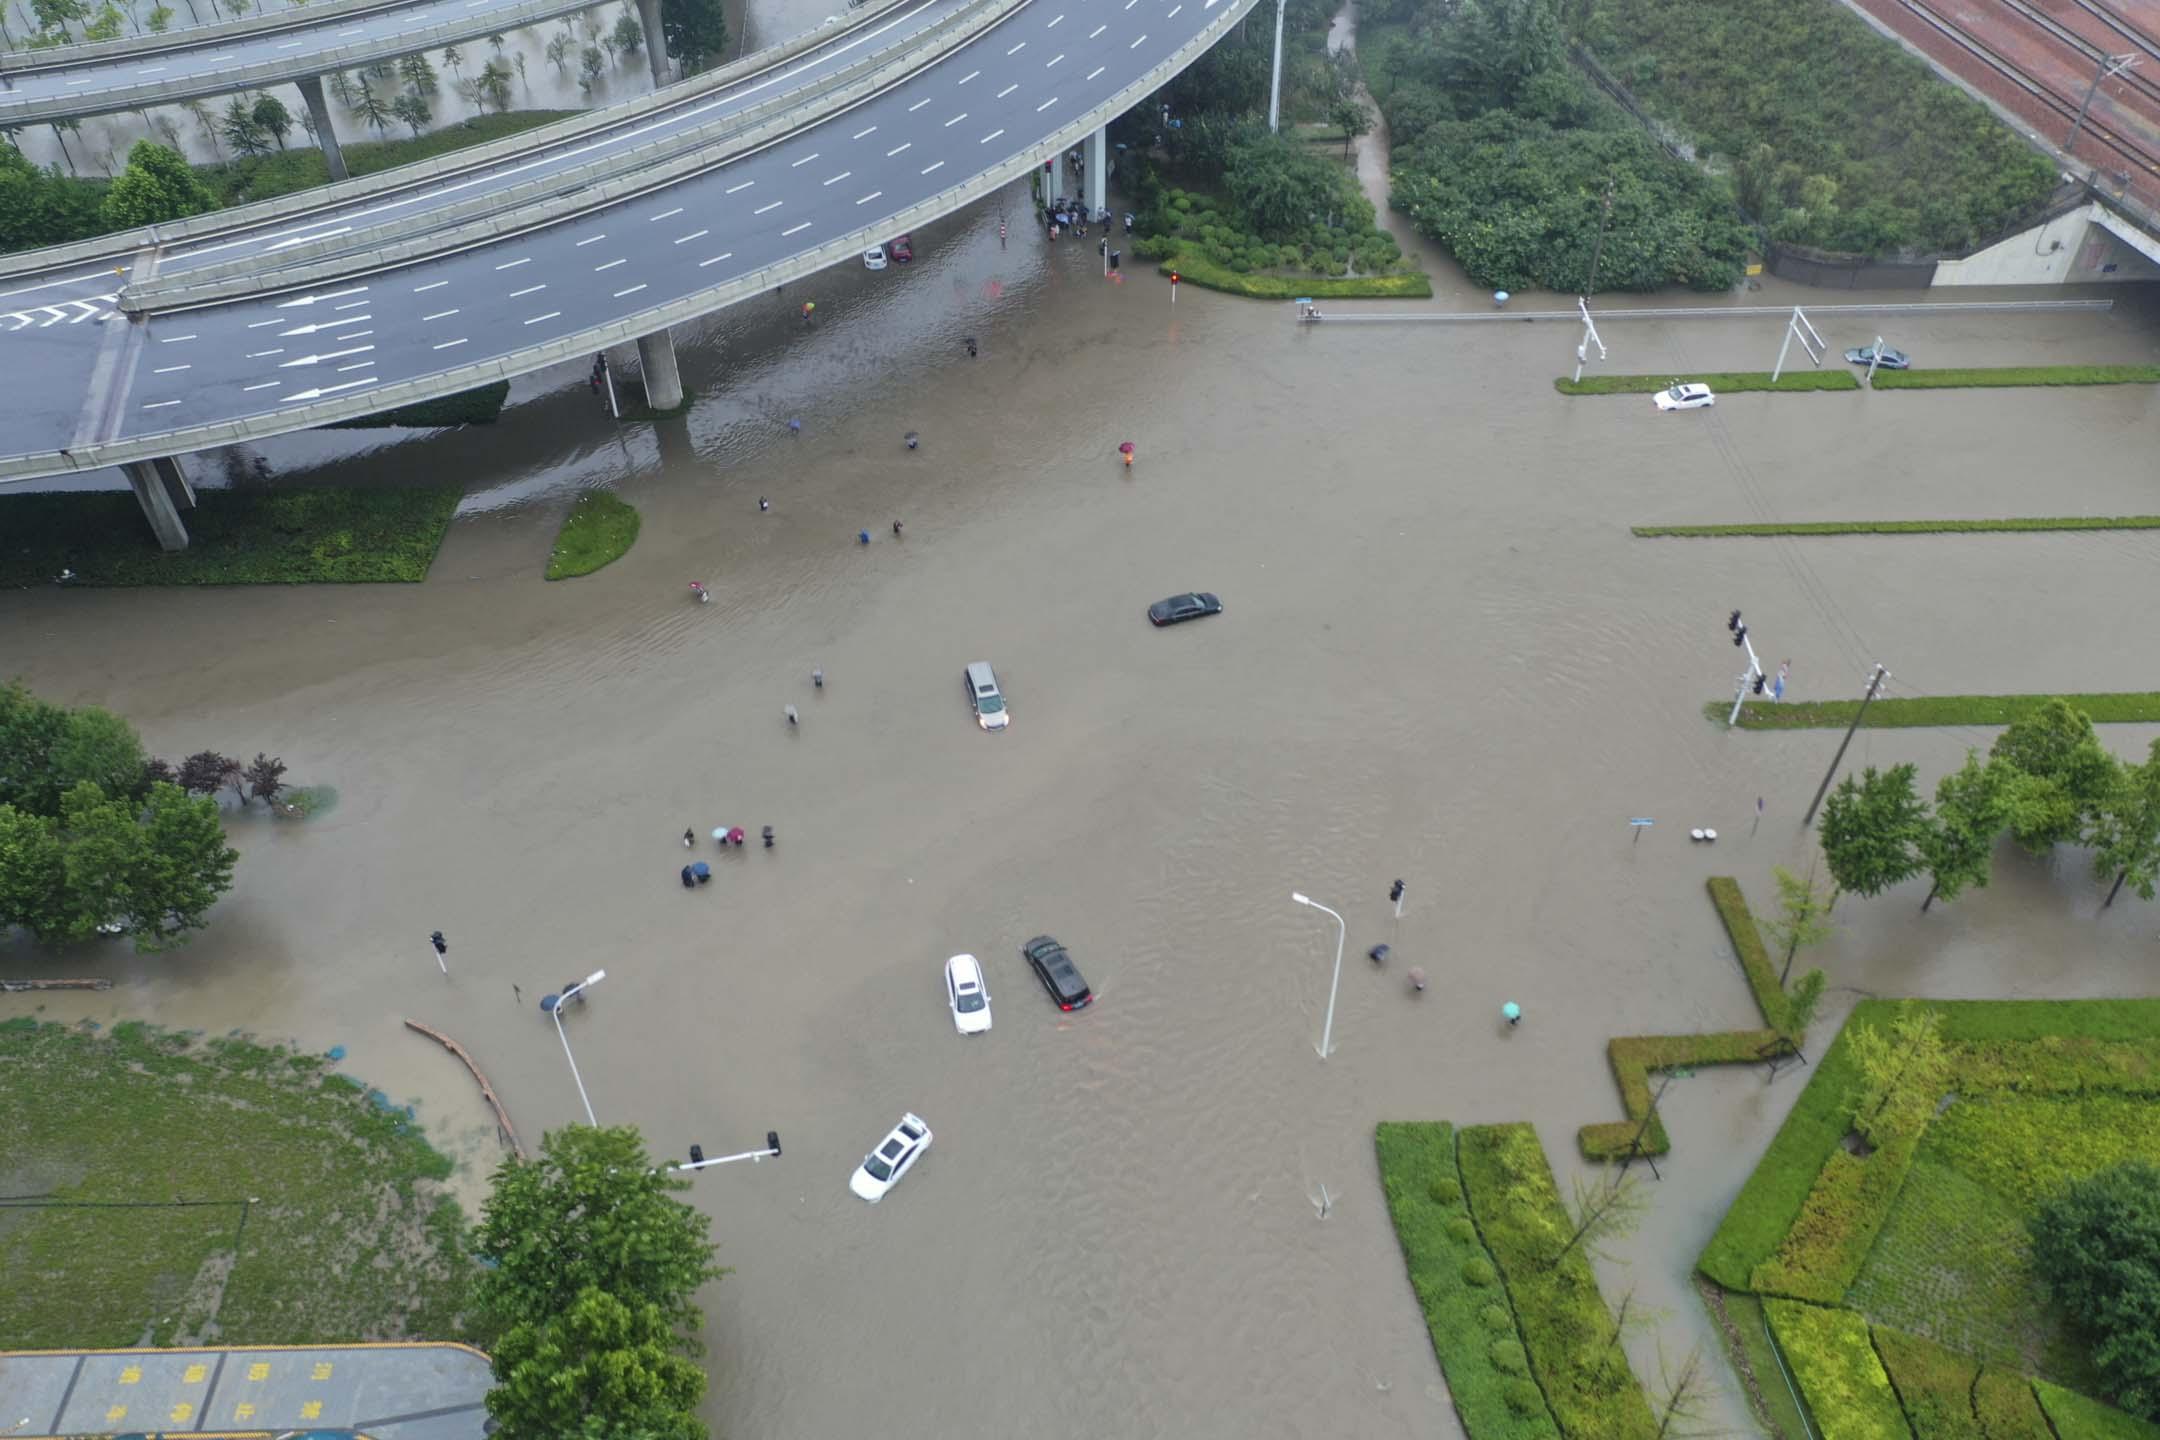 2021年7月20日,河南省鄭州市暴雨,鳥瞰下看到洪水中的車輛。 攝:Jiao Xiaoxiang/VCG via Getty Images